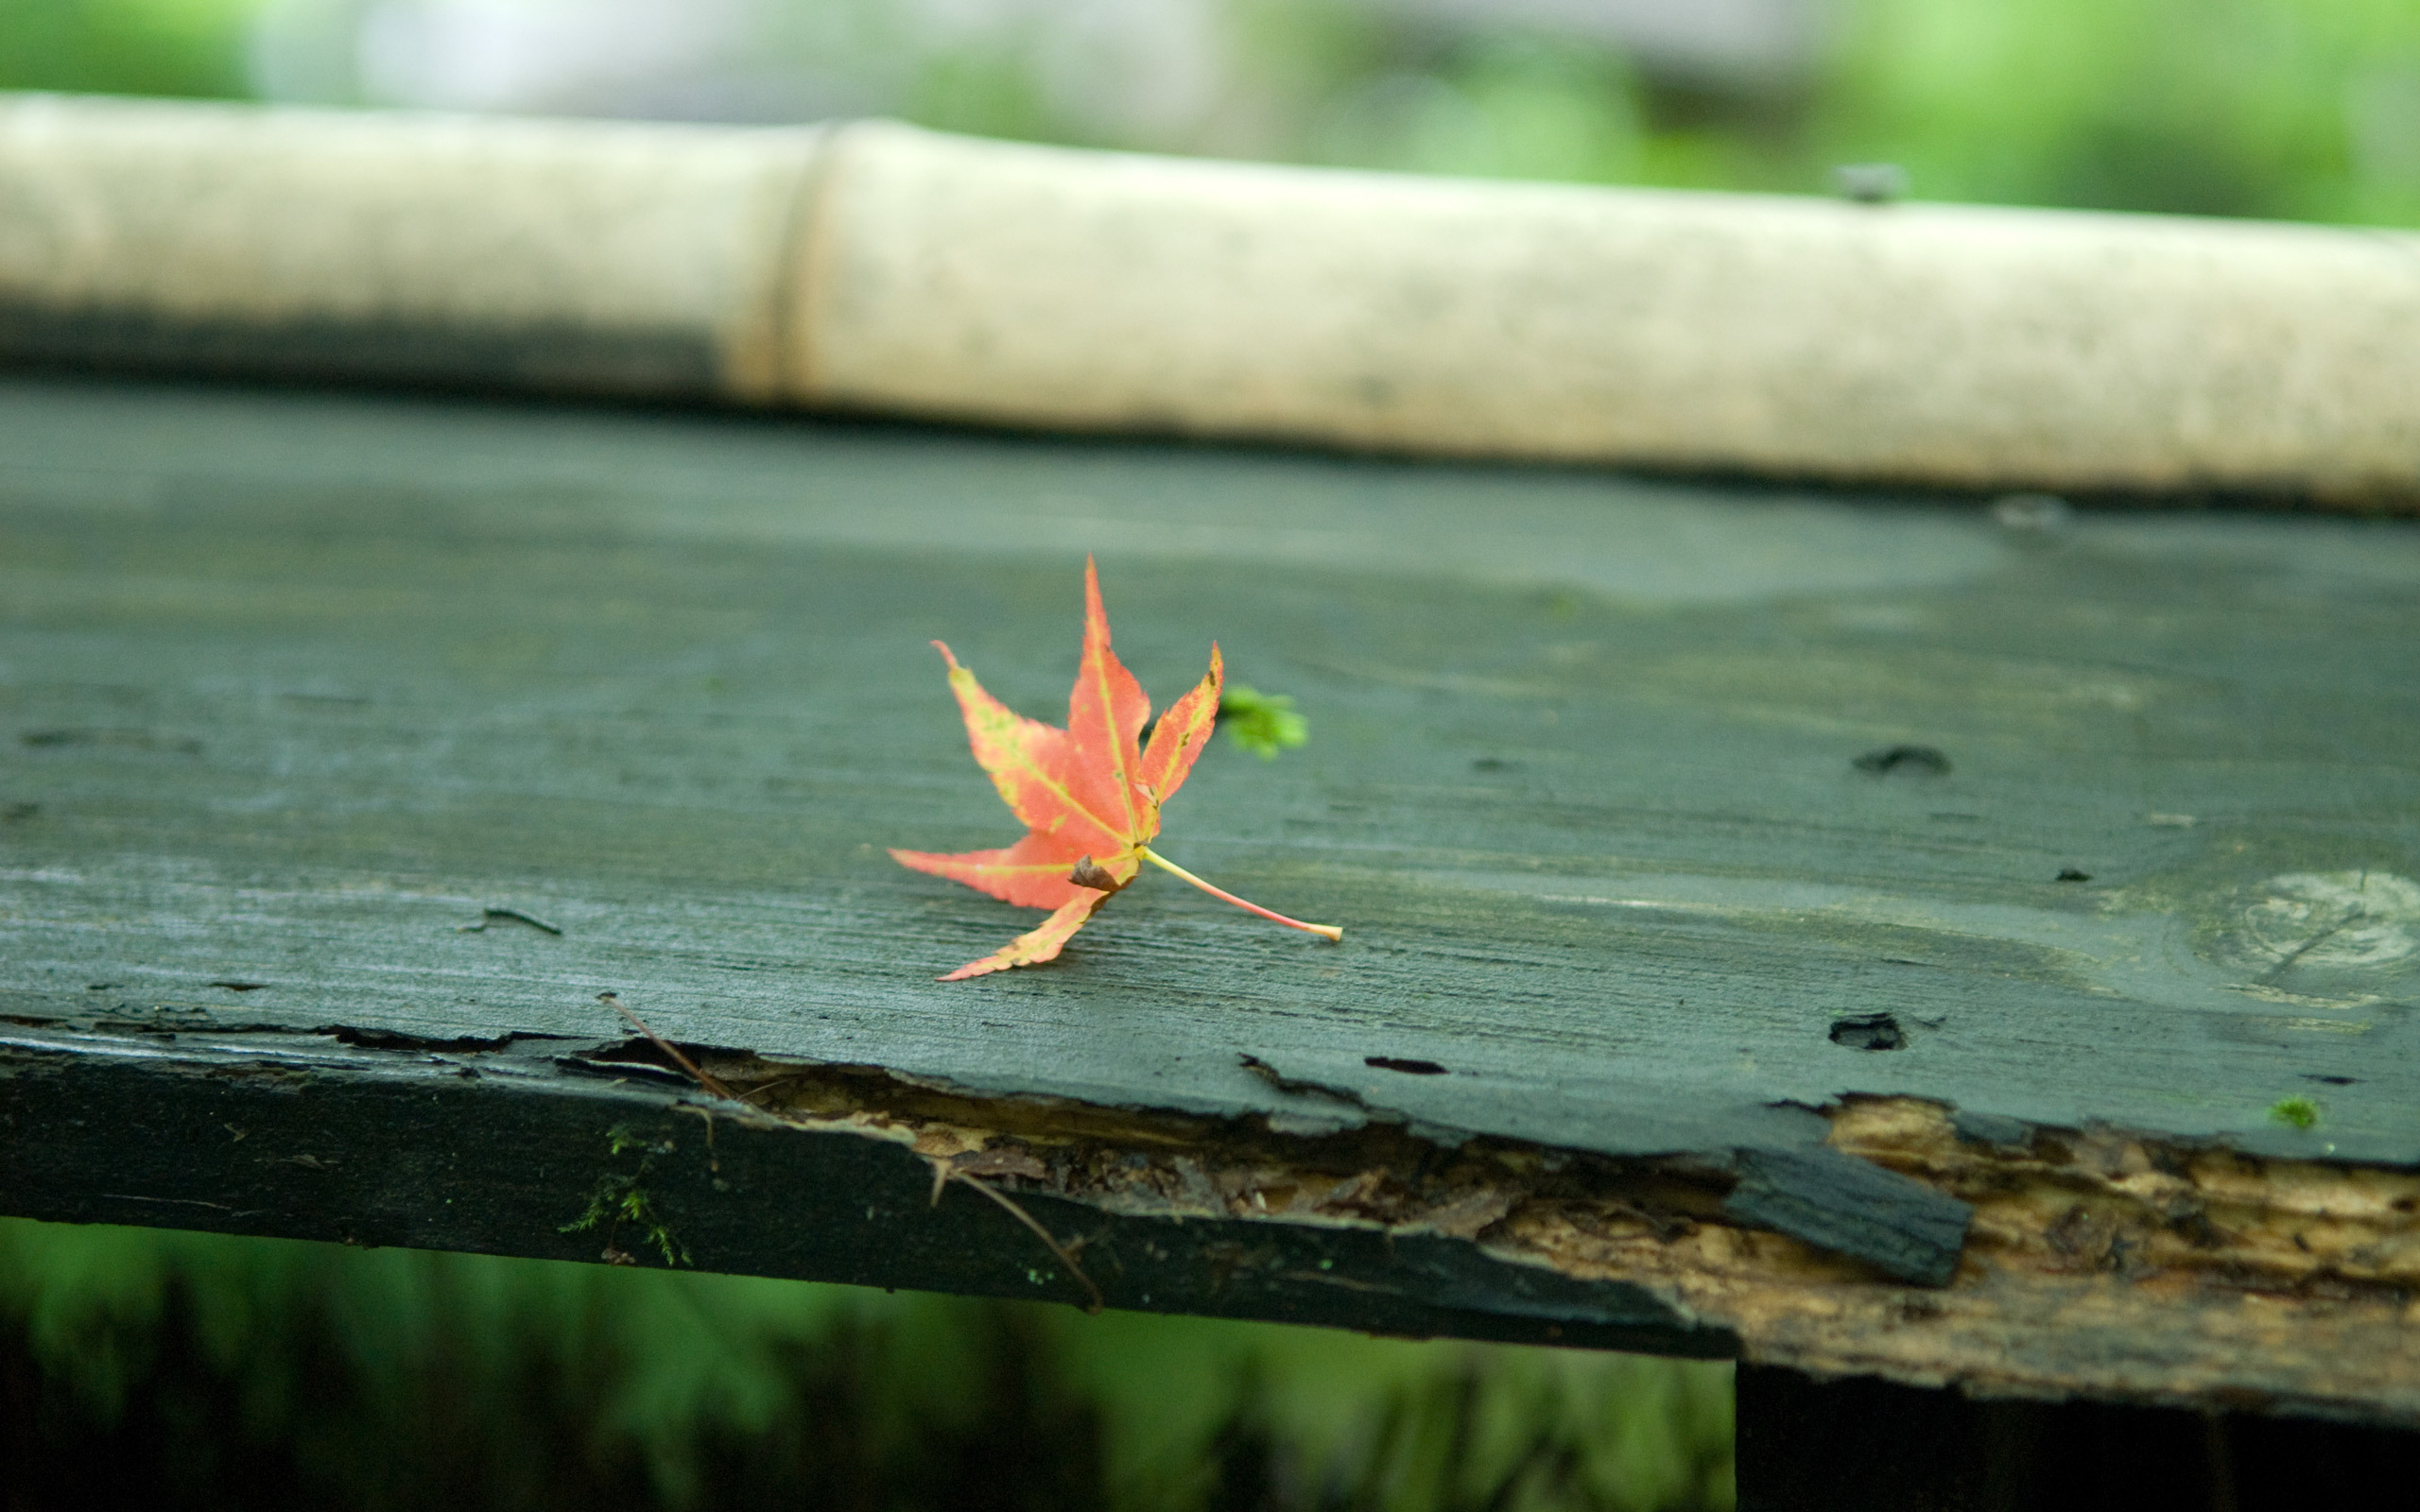 Осень листья лавка стол  № 3187436 без смс